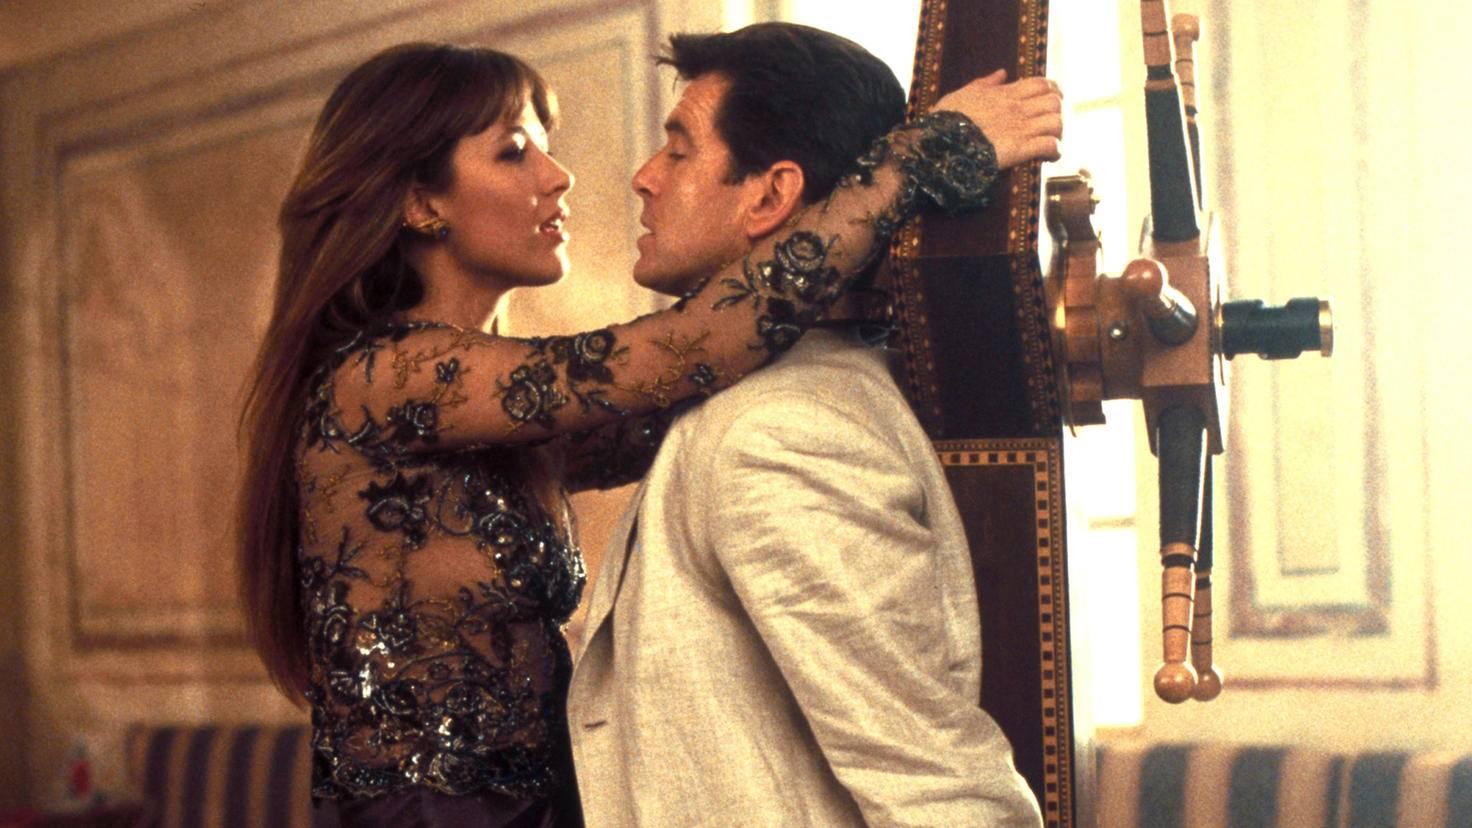 James Bond – Die Welt ist nicht genug sophie marceau pierce brosnan